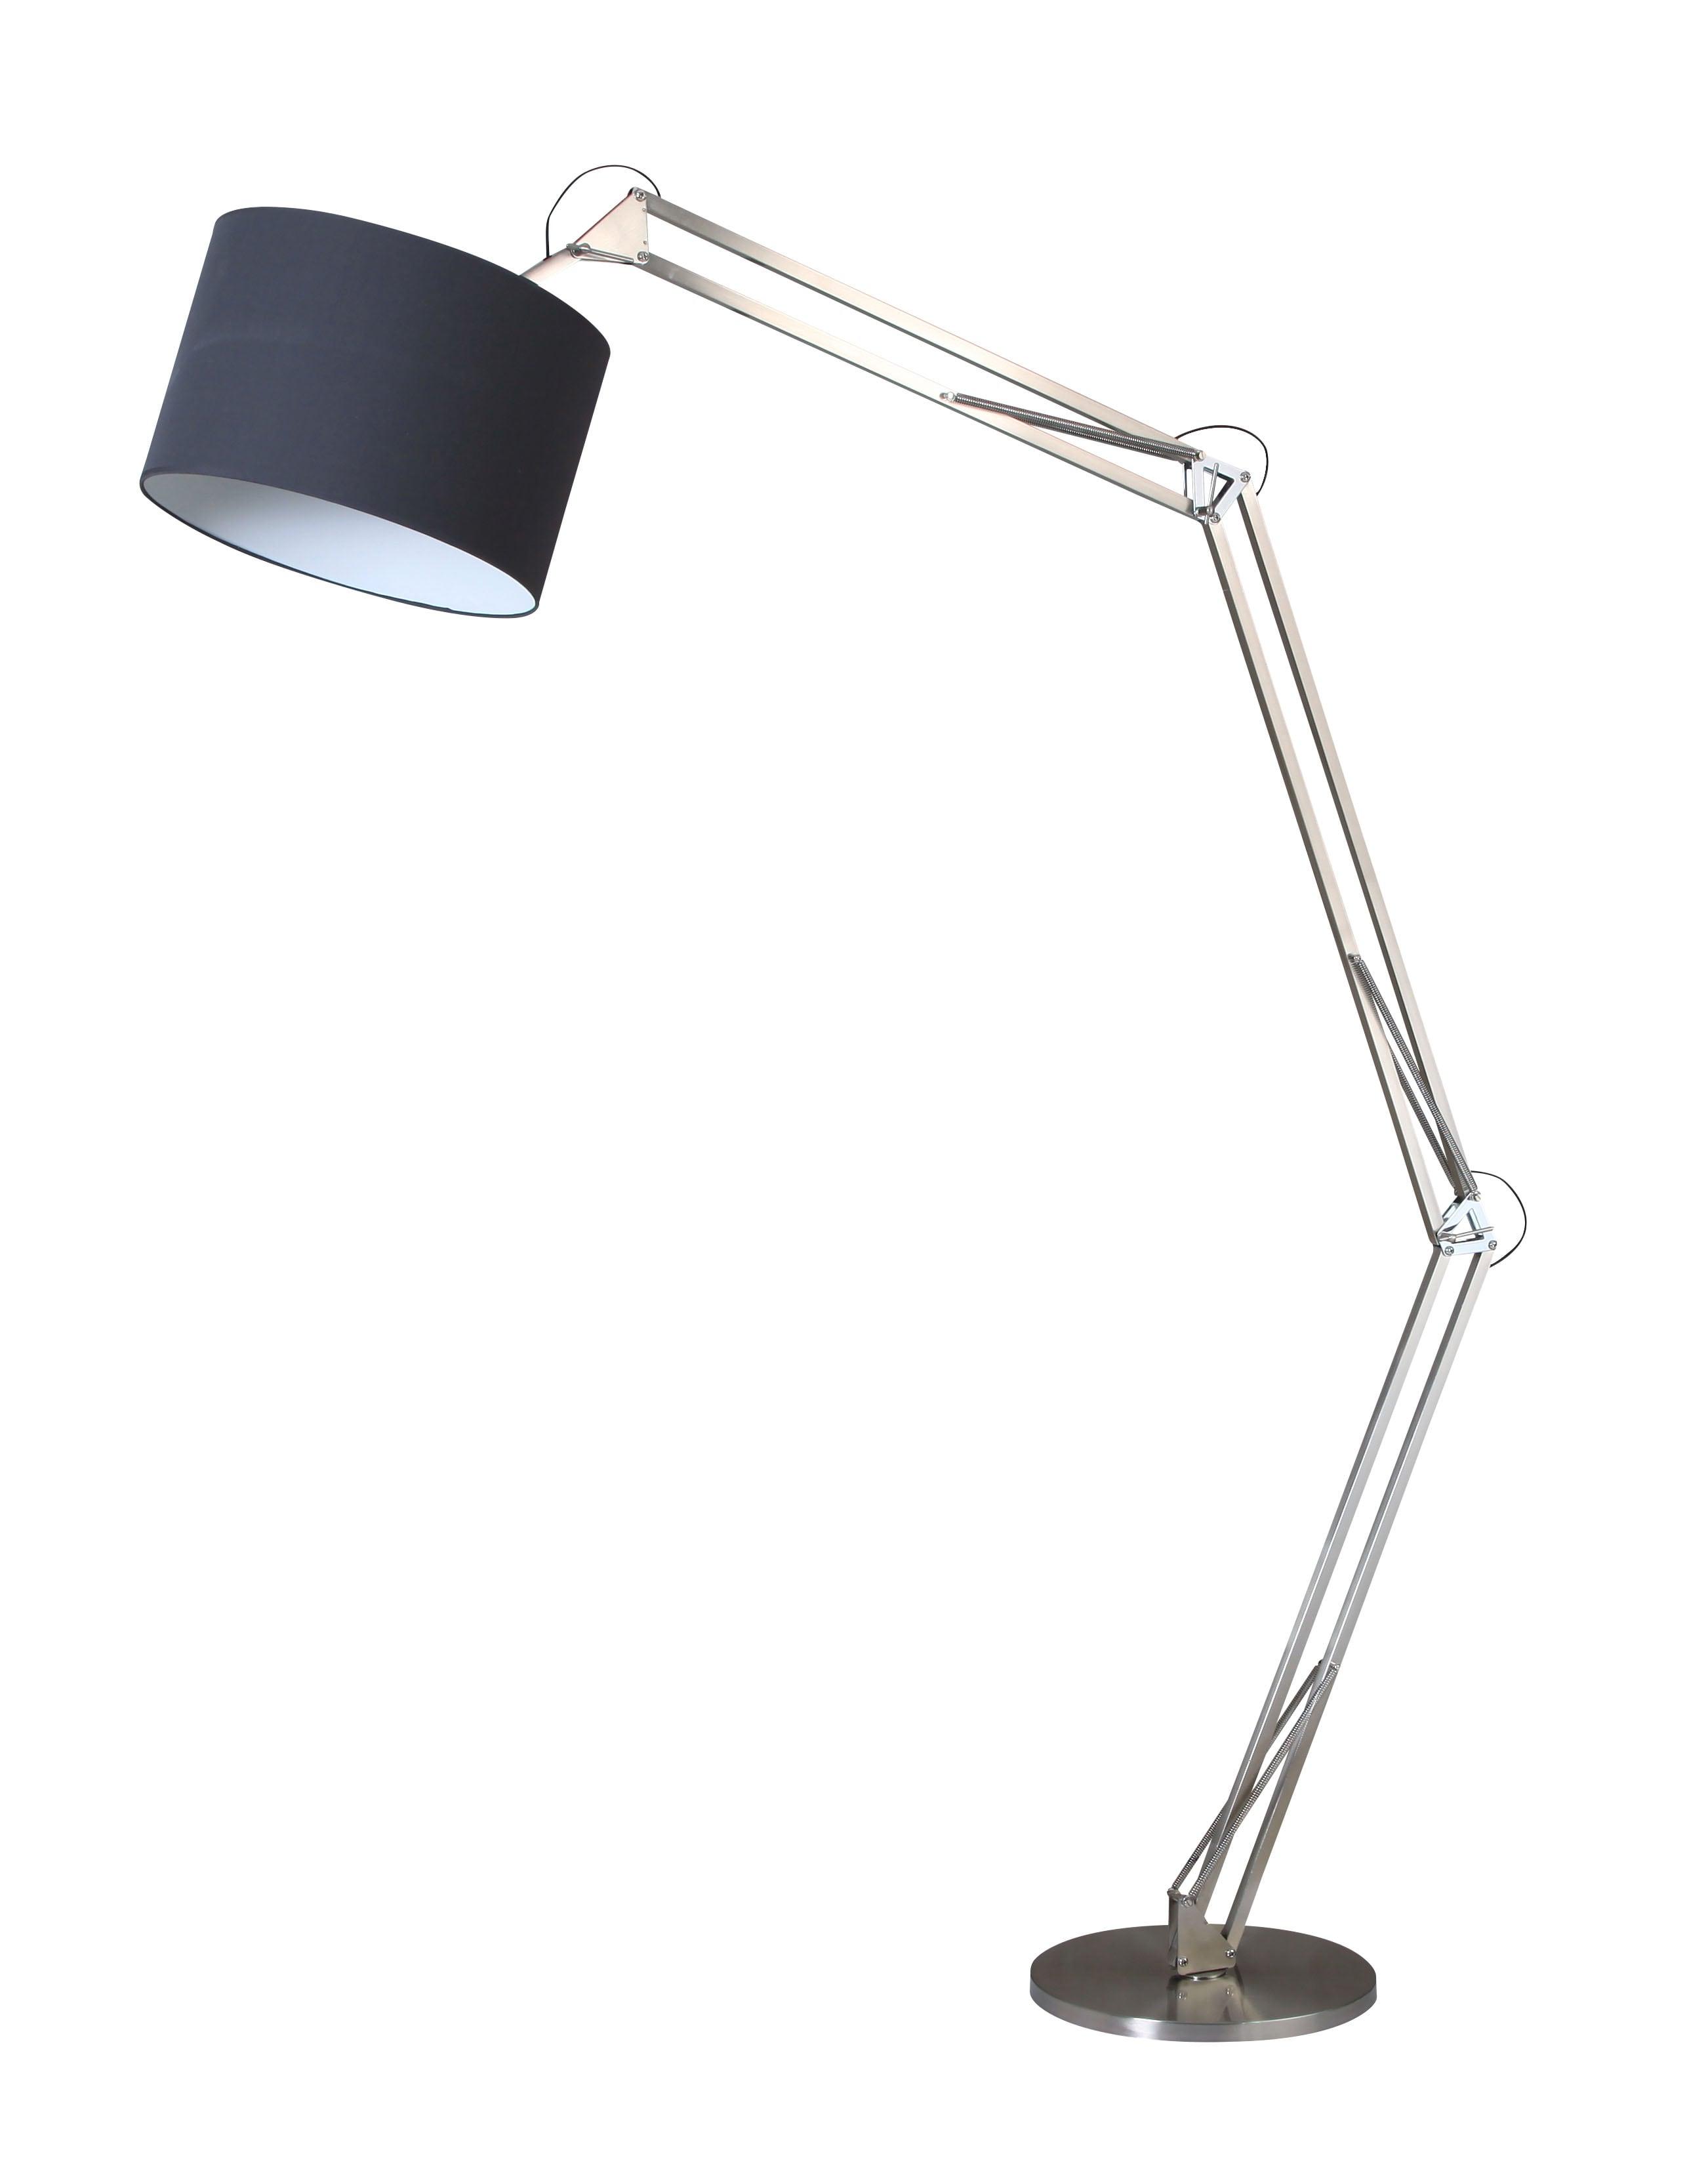 Lampa de podea Chrome Mirani crom / negru E27 60W